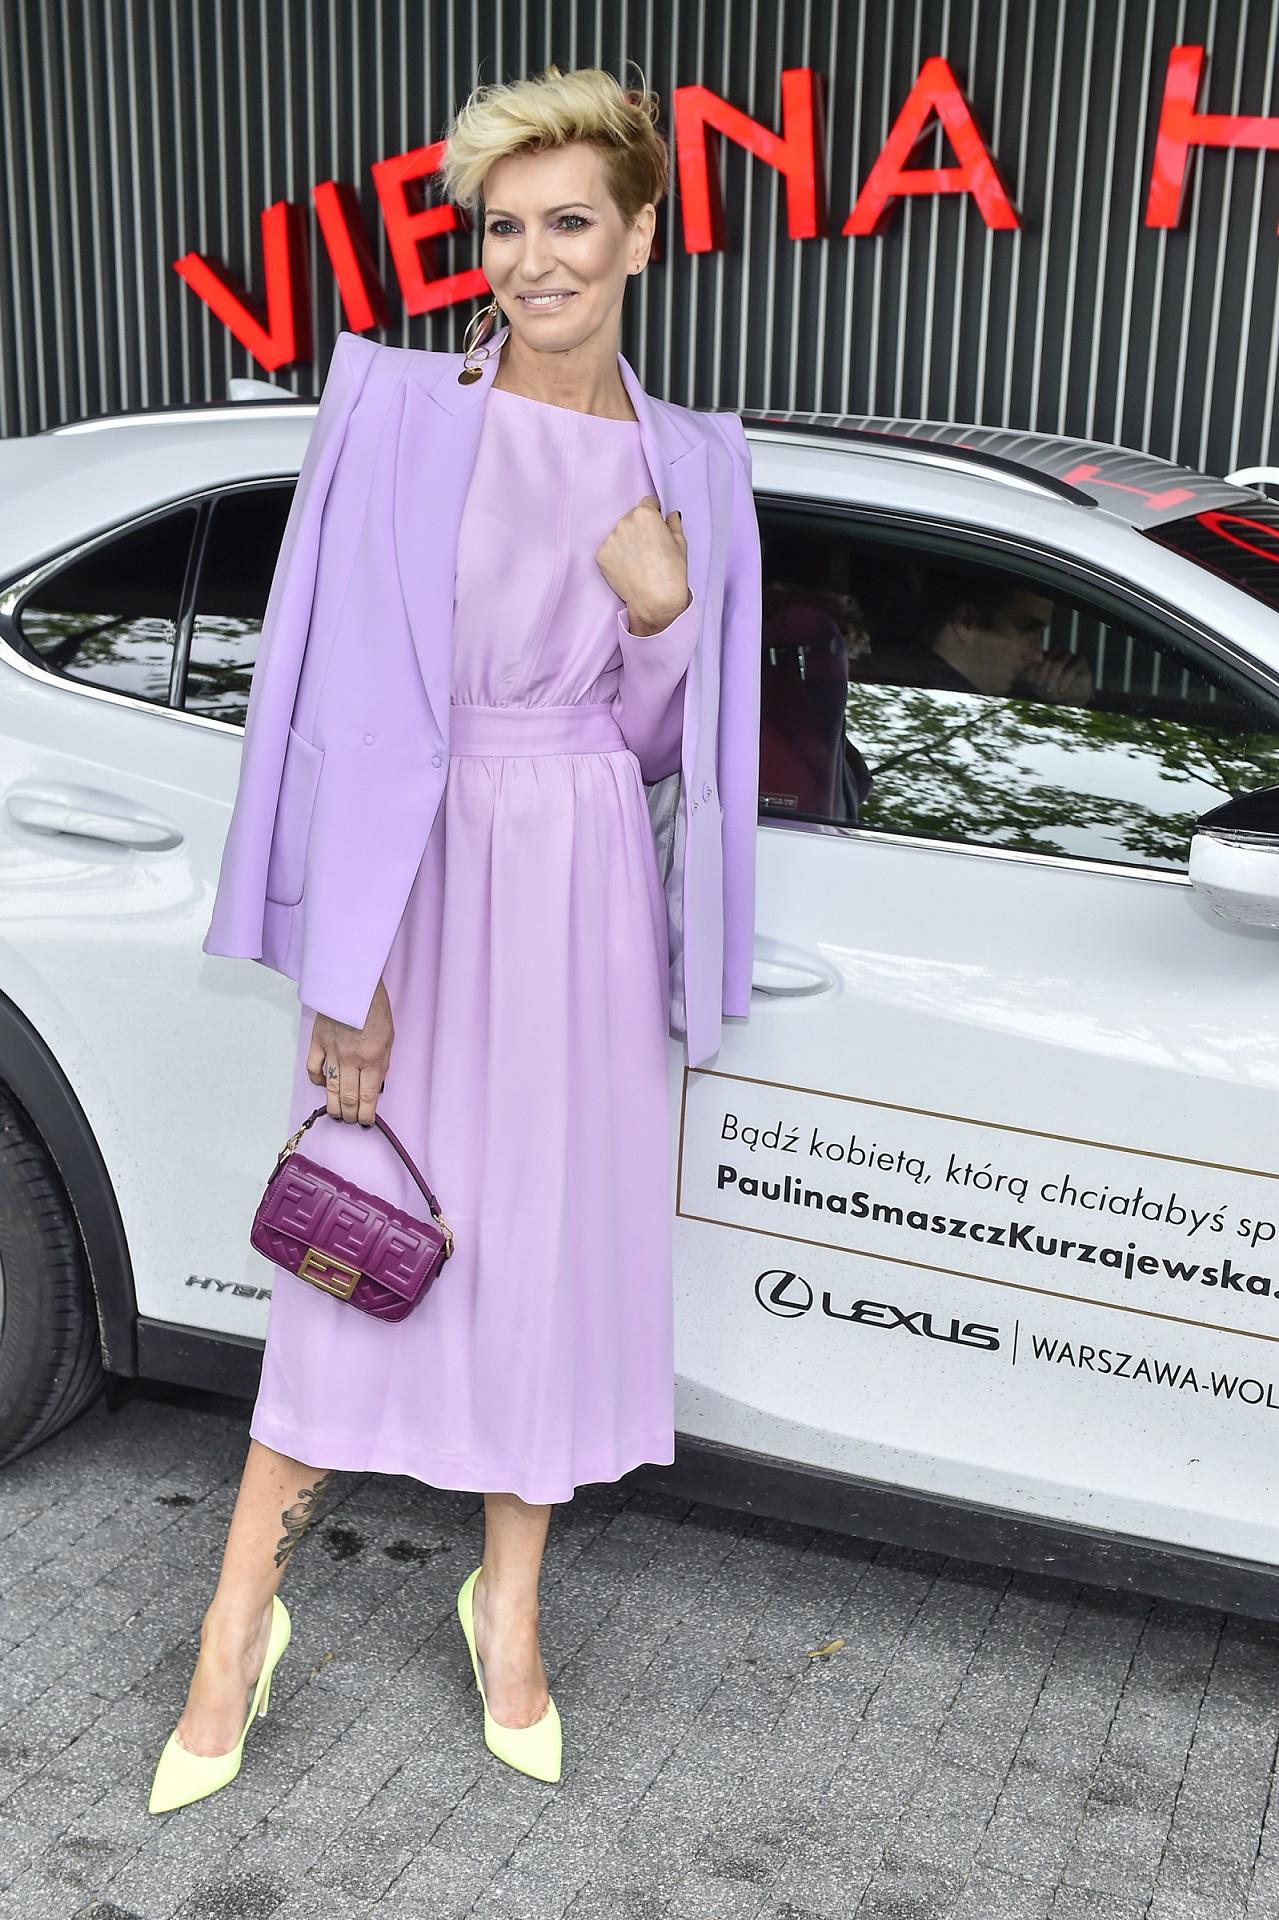 Paulina Smaszcz cała w fiolecie.